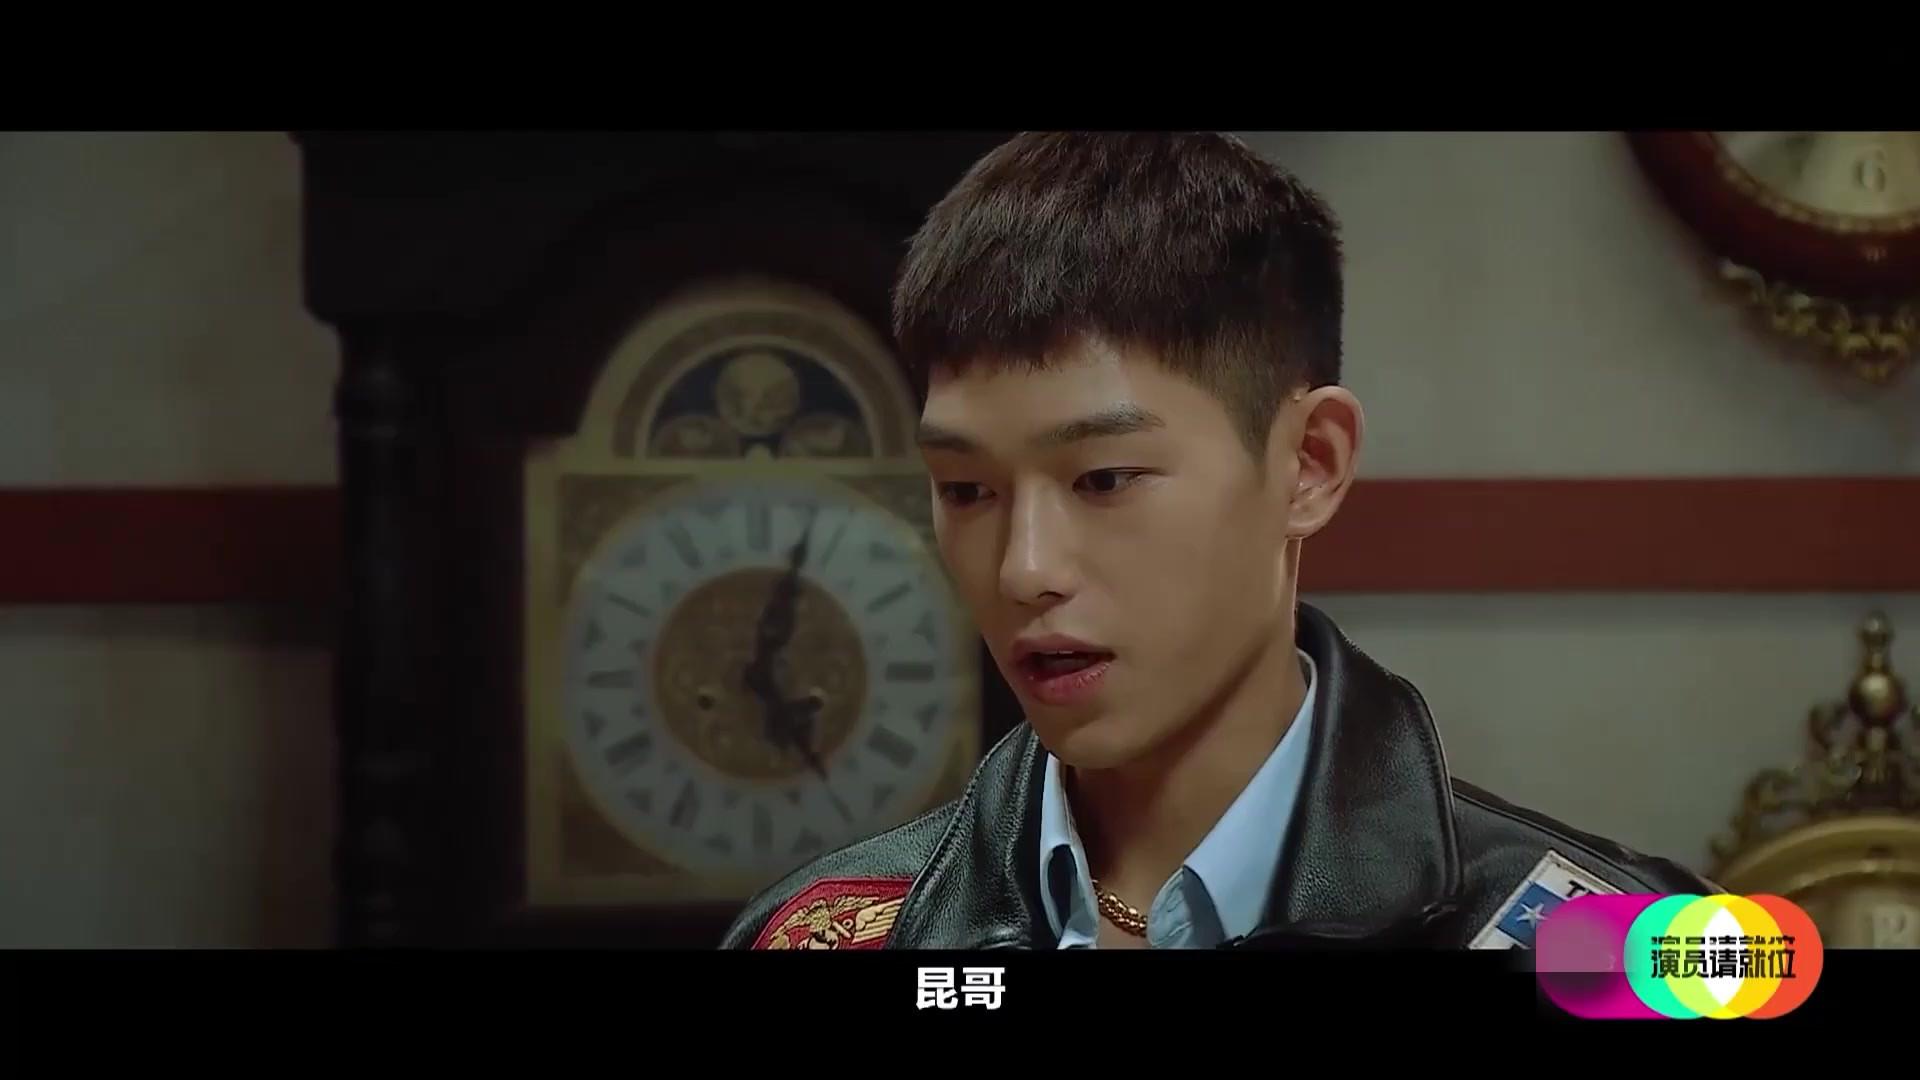 《演员请就位2》王锵张海宇对峙, 速来看王锵张海宇的《门徒》太精彩了